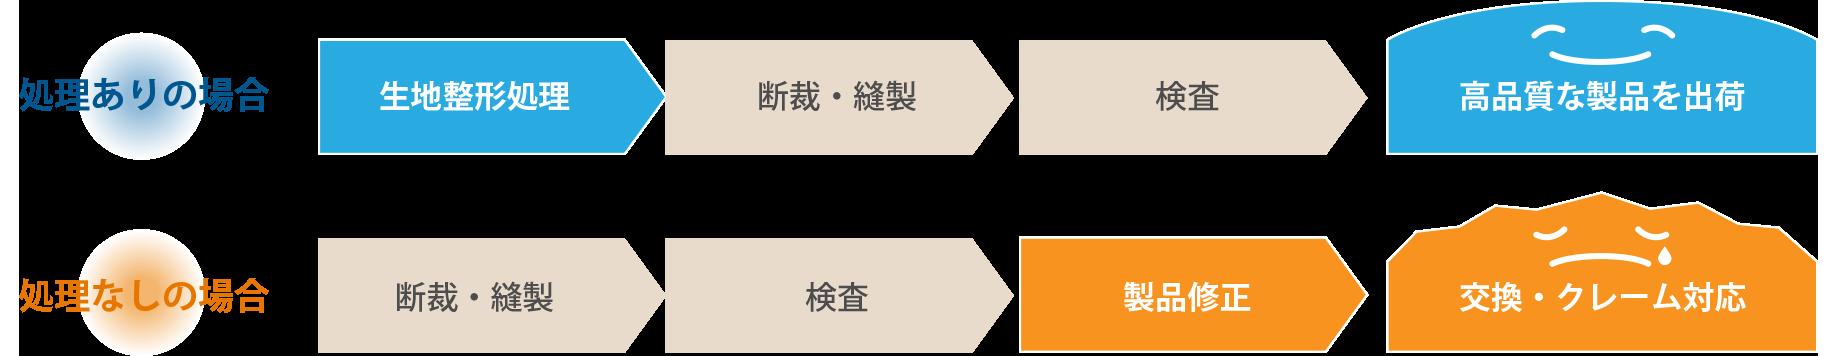 整形処理あり・なしの場合の比較イメージ